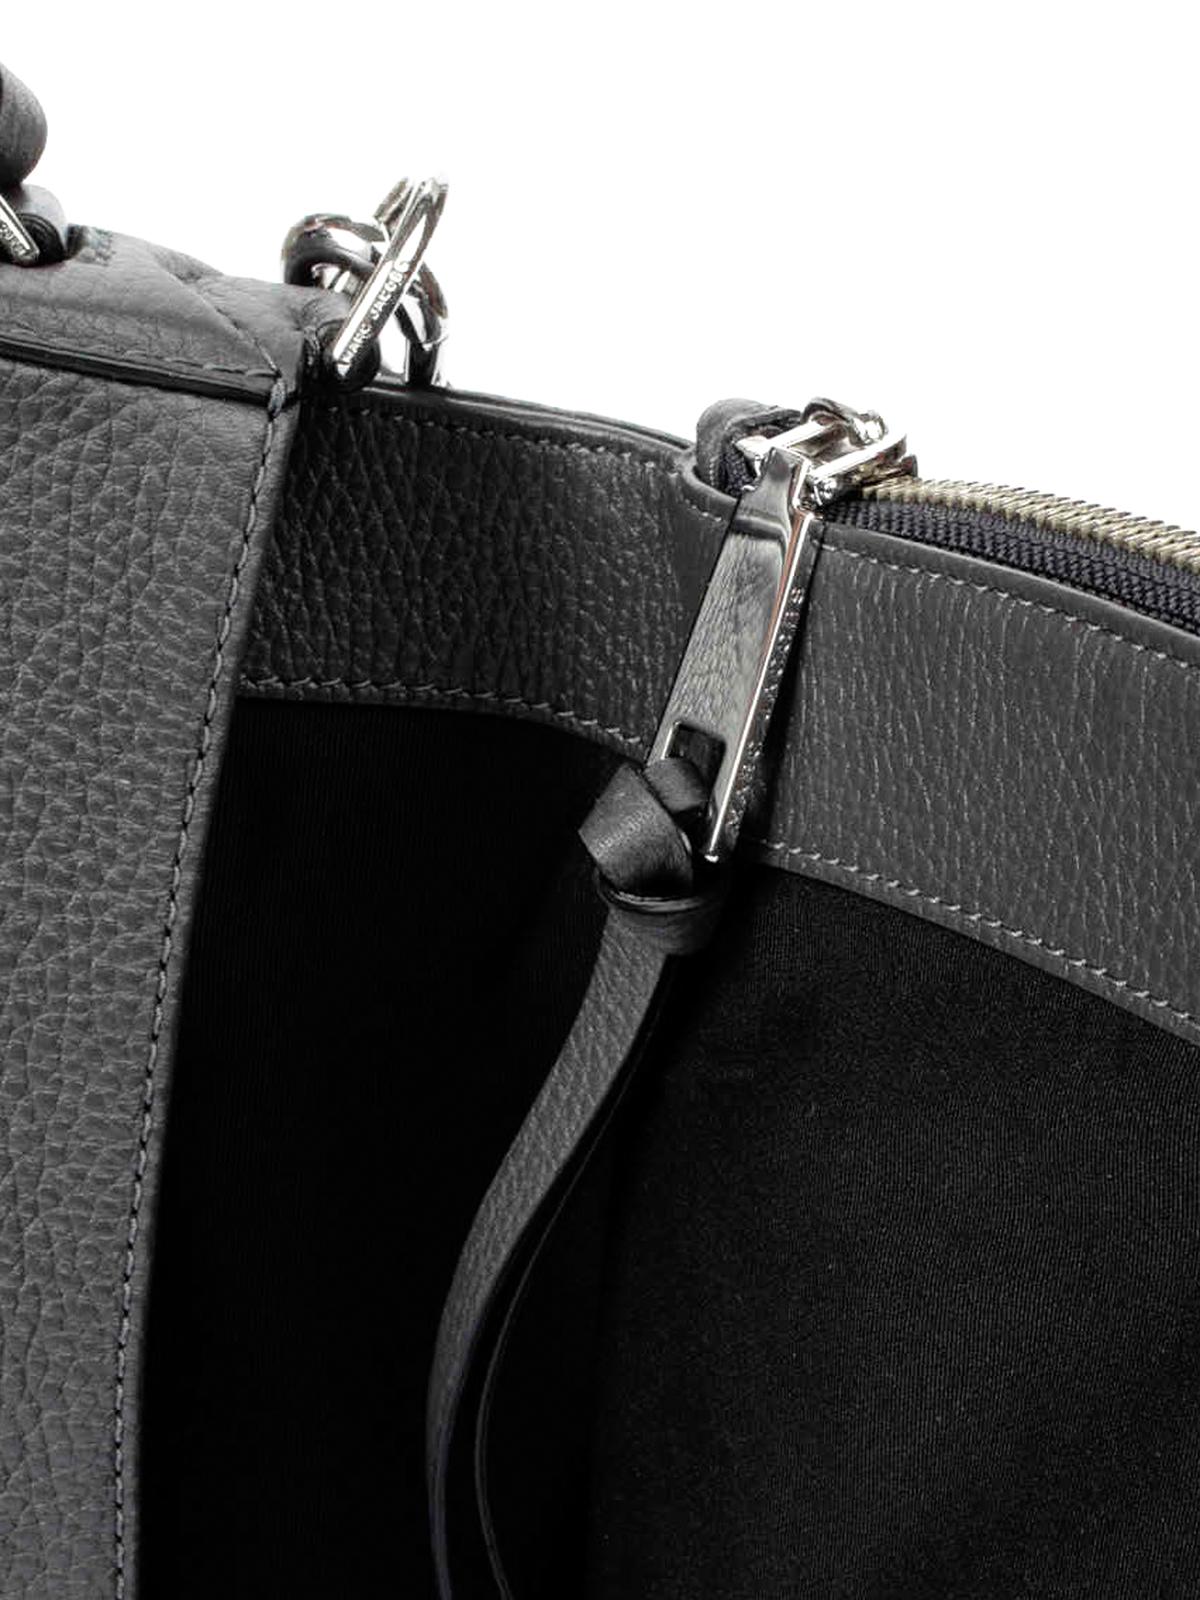 en gros Style magnifique marc jacobs petit sac à bandoulière